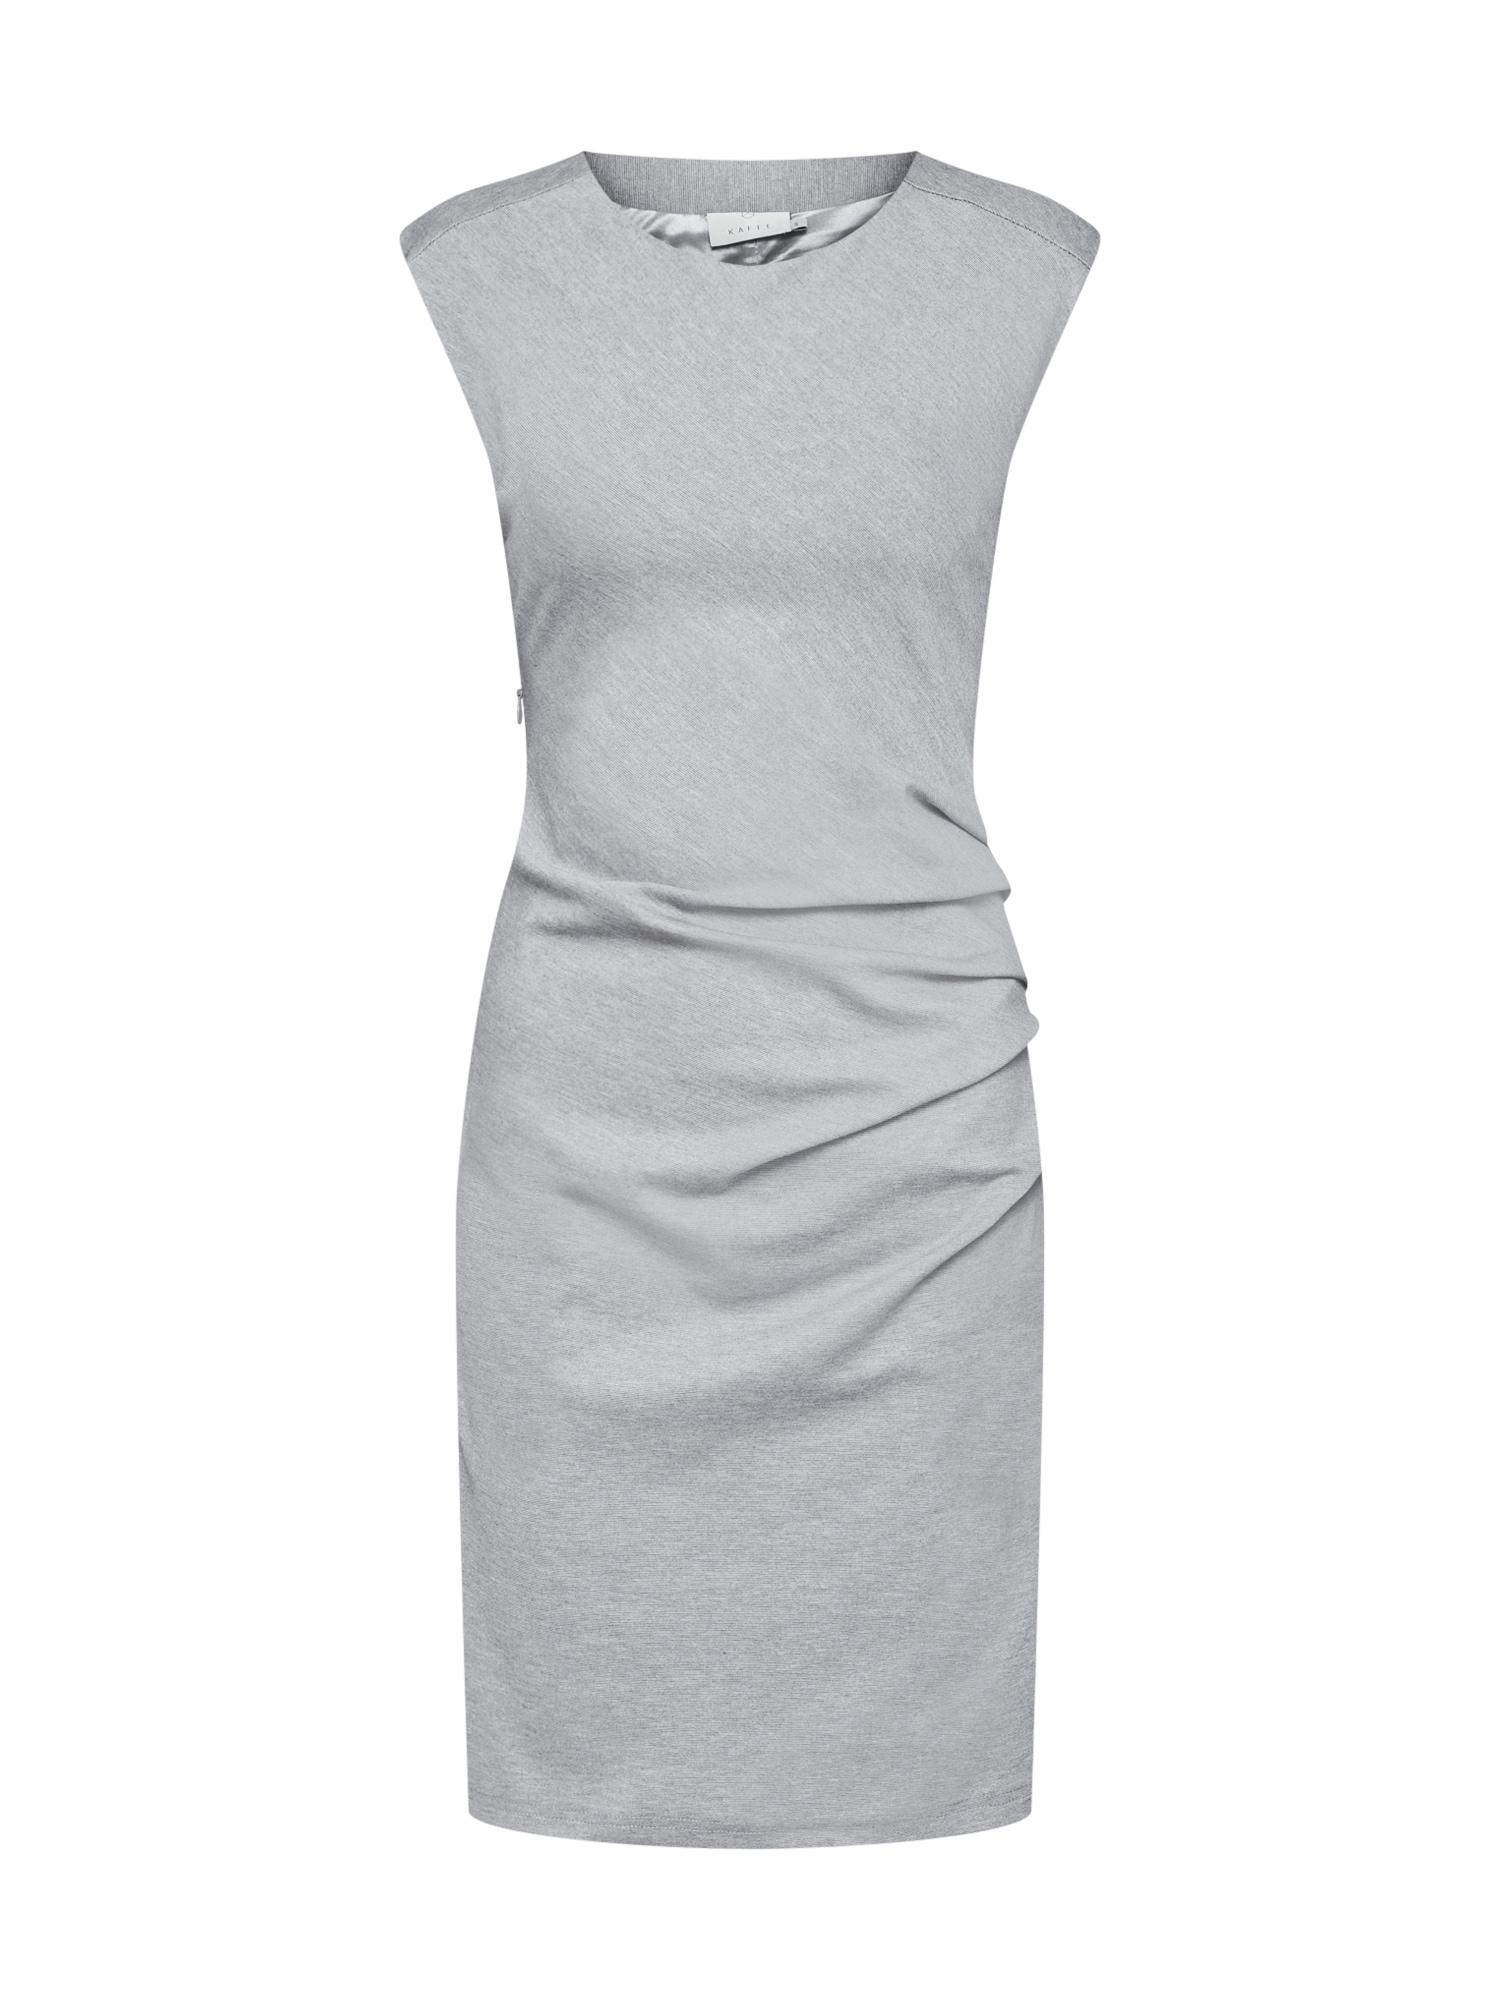 Pouzdrové šaty India Slim šedý melír Kaffe